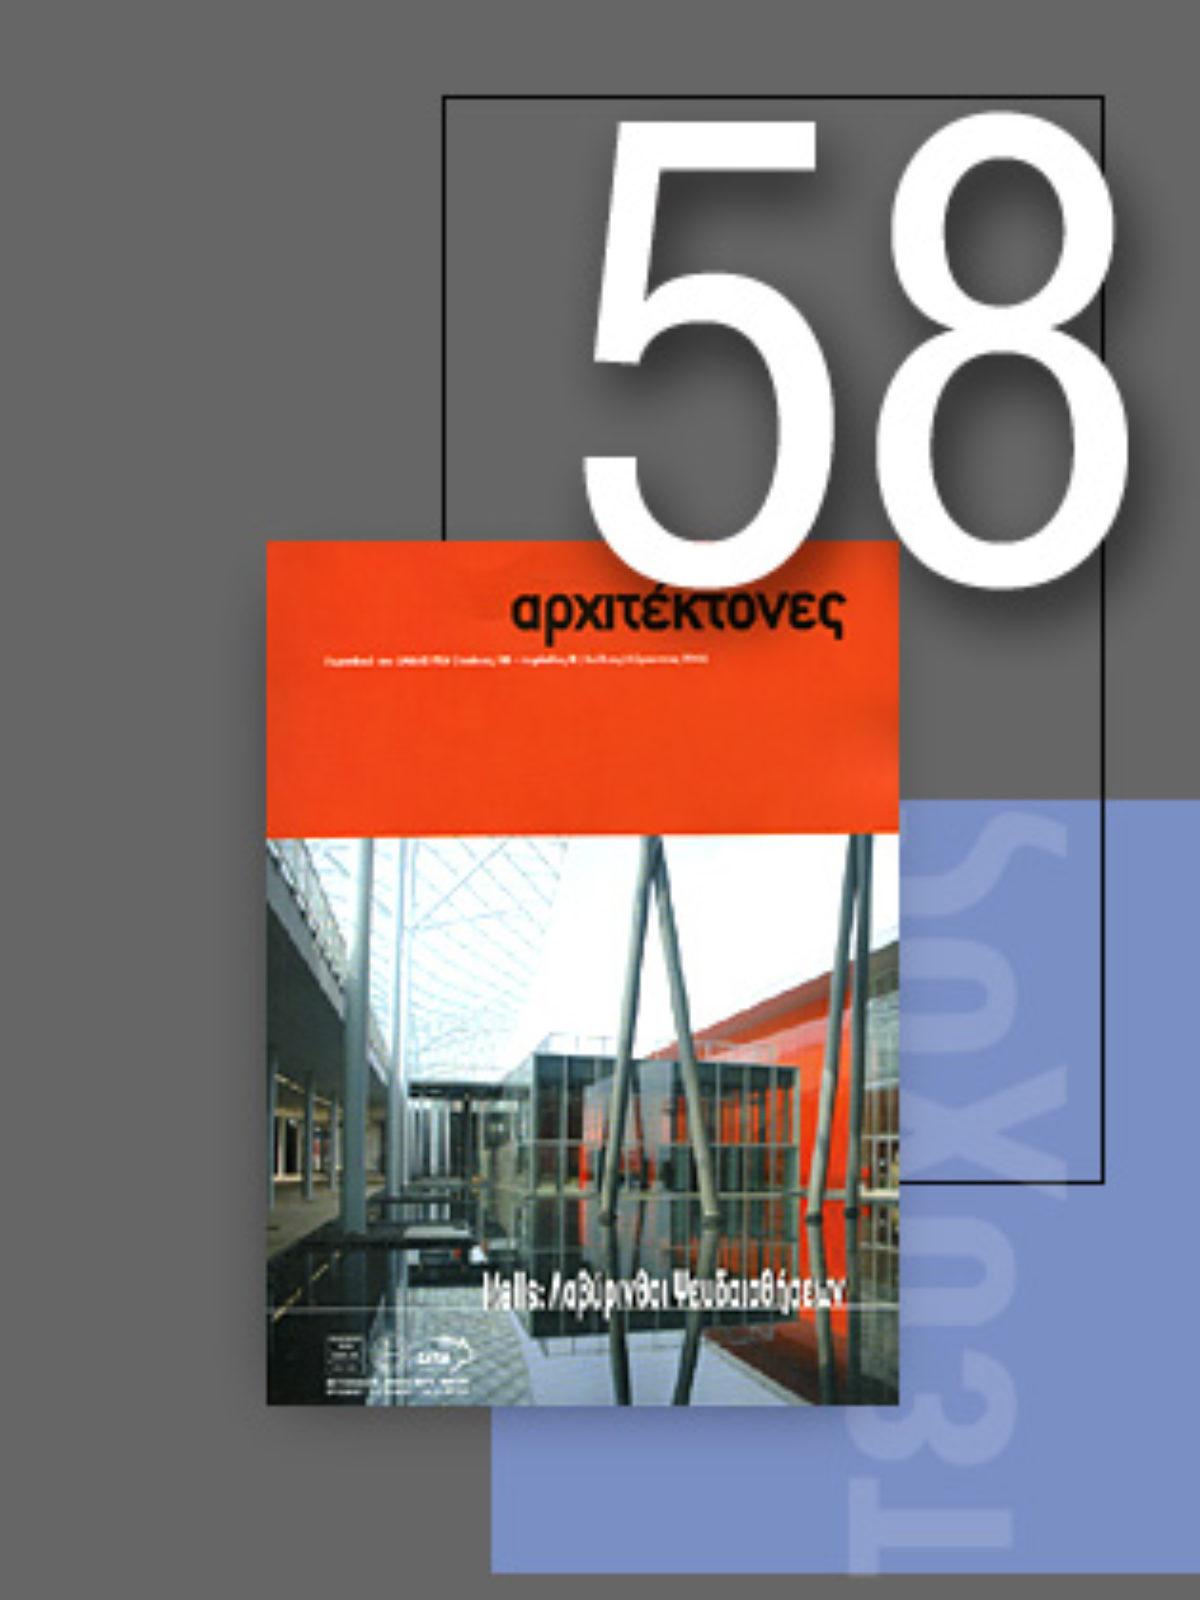 «Αρχιτέκτονες» Τεύχος 58, Περίοδος Β', Ιούλιος/Αύγουστος 2006 | Malls: Λαβύρινθοι Ψευδαισθήσεων